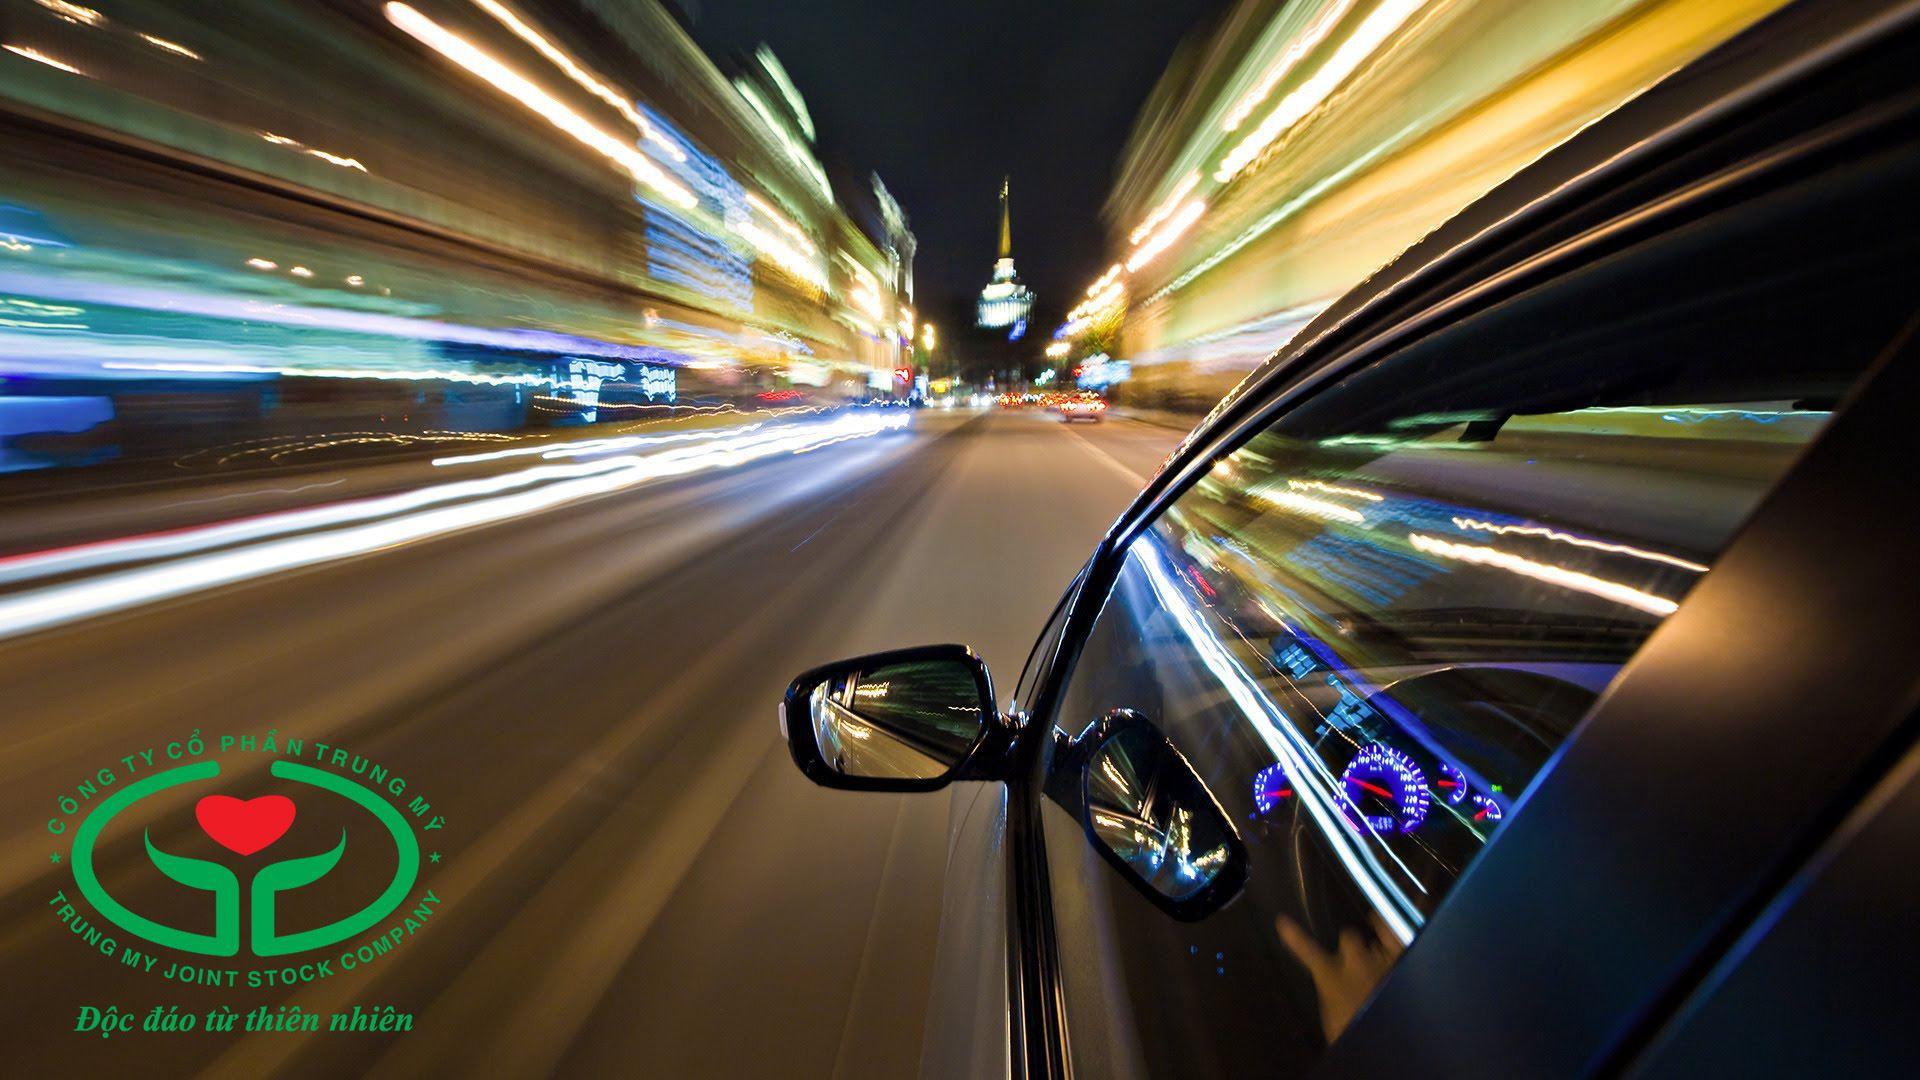 Rủi ro khi lái xe về đêm tăng lên ở người bệnh đục thủy tinh thể (cườm đá)